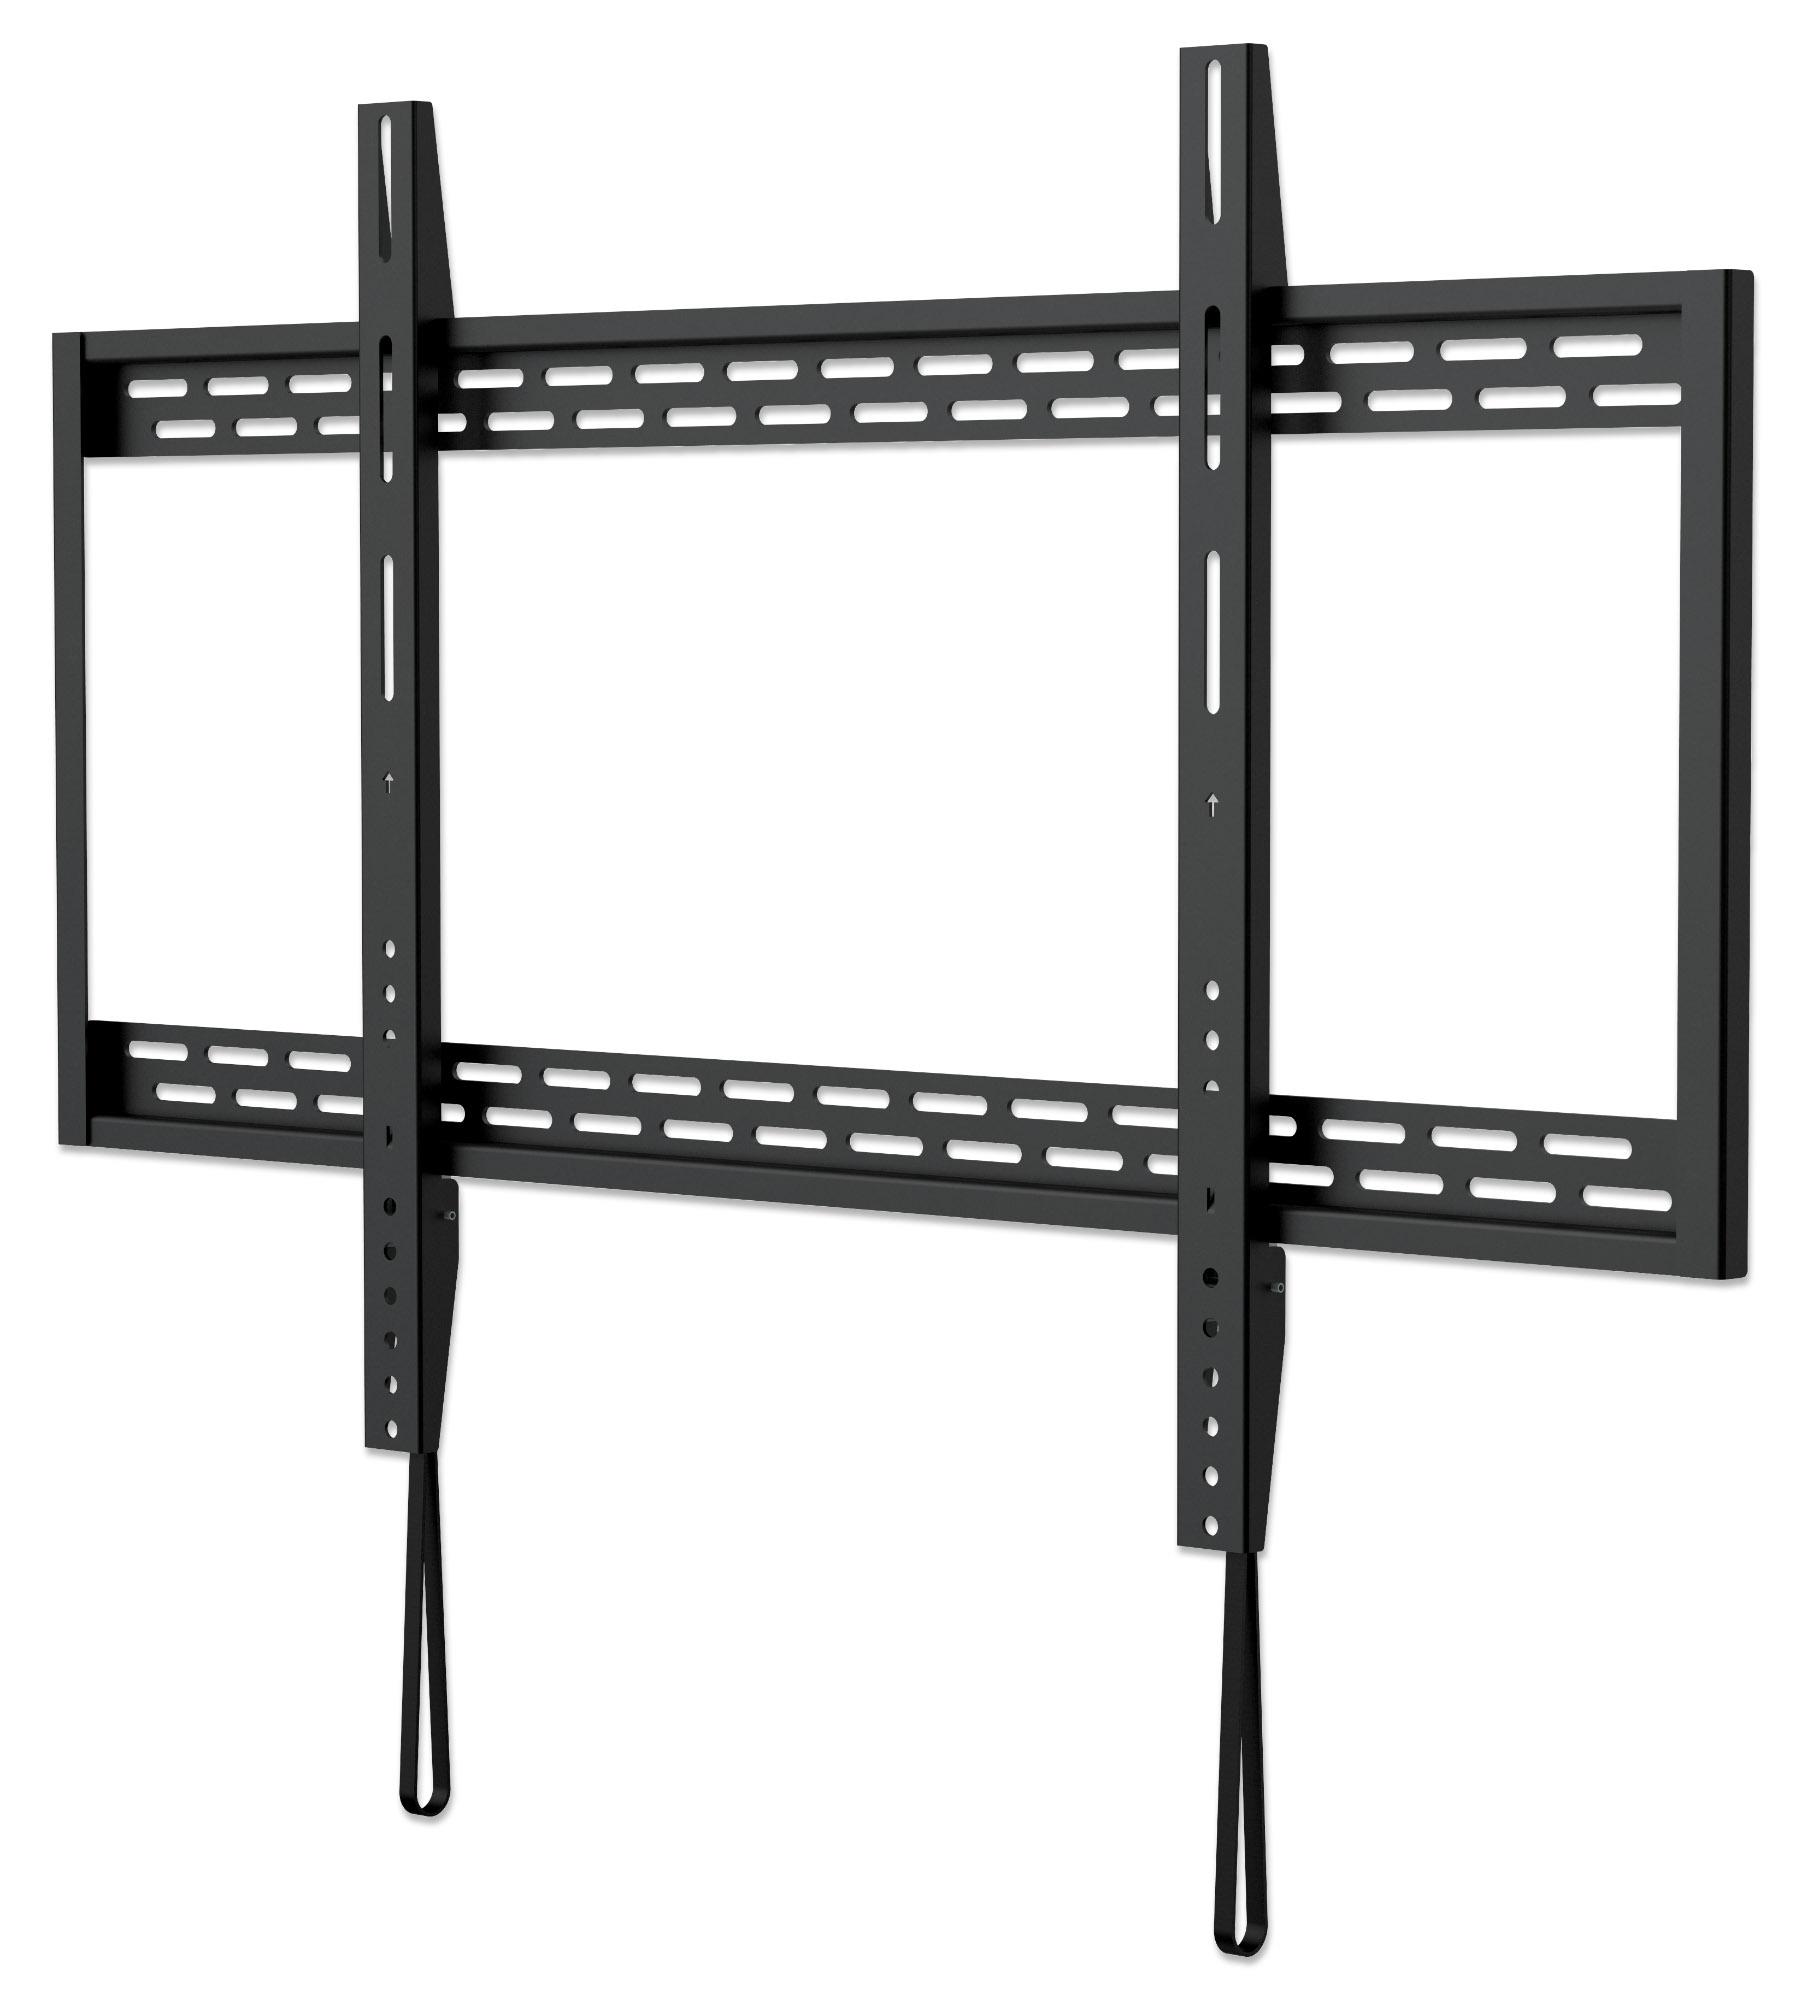 Heavy-Duty Low-Profile Large-Screen TV Wall Mount